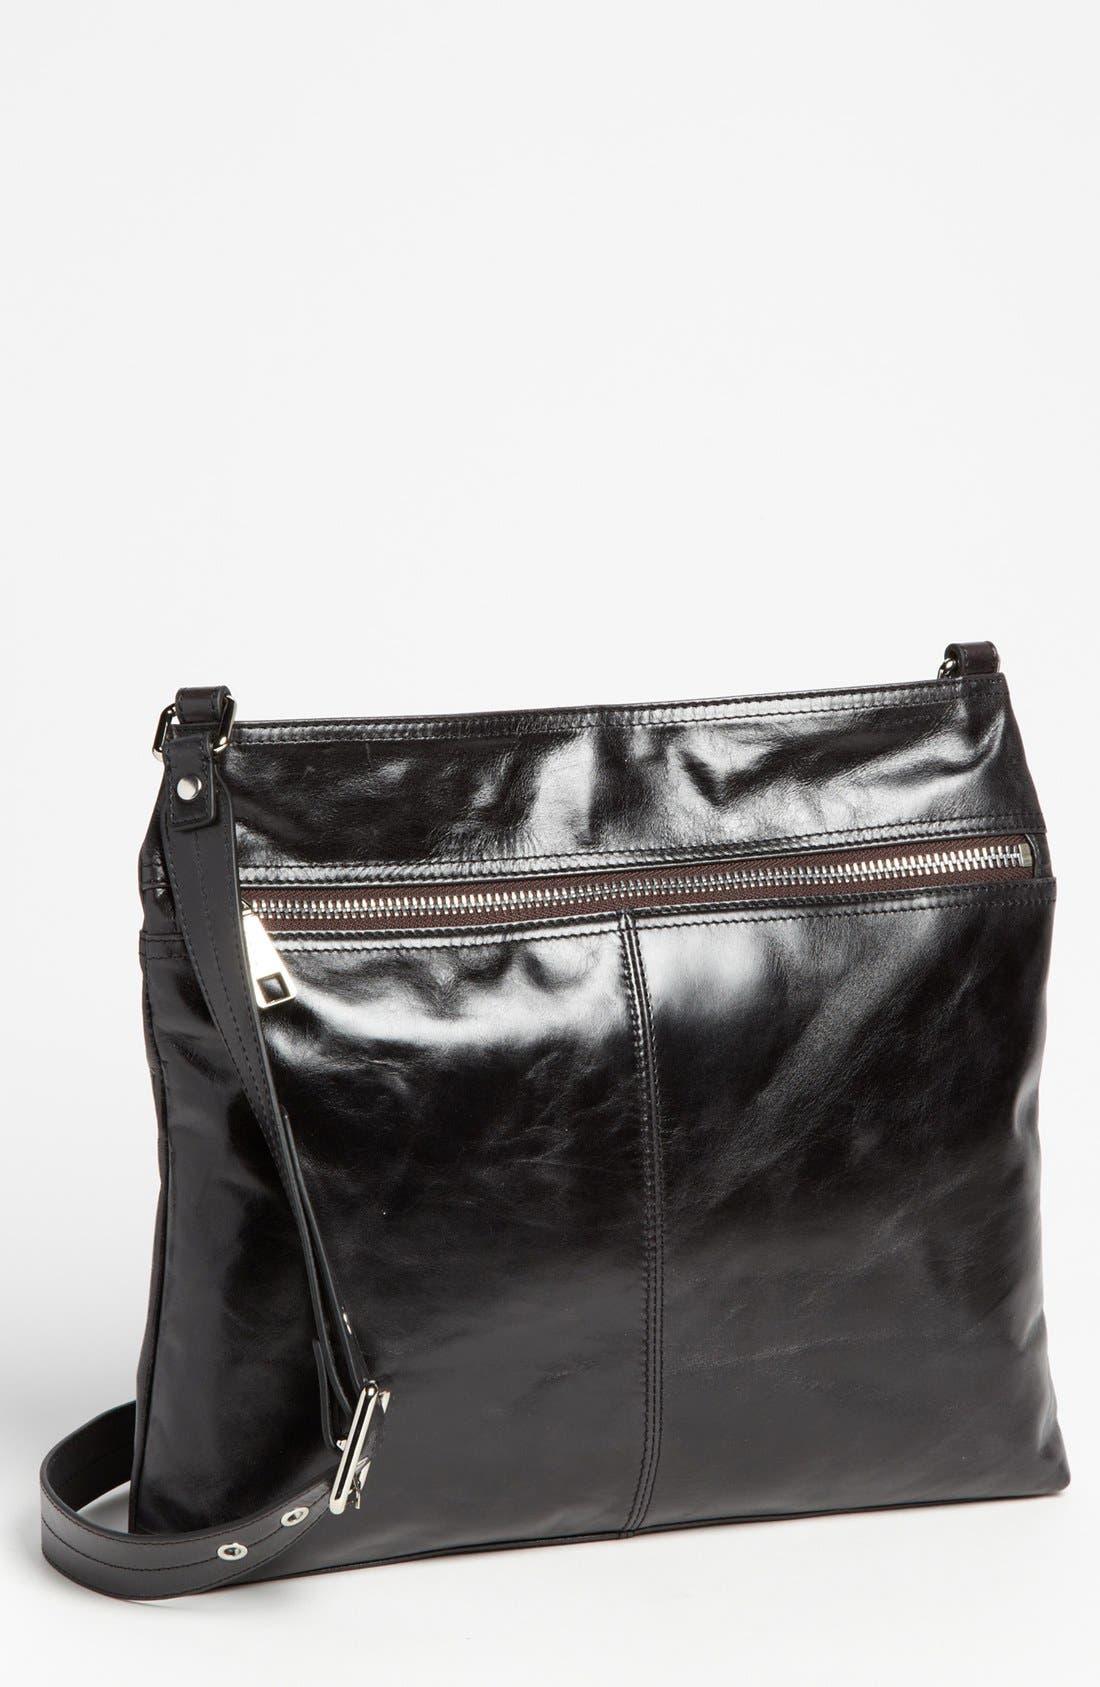 Main Image - Hobo 'Lorna' Leather Shoulder Bag